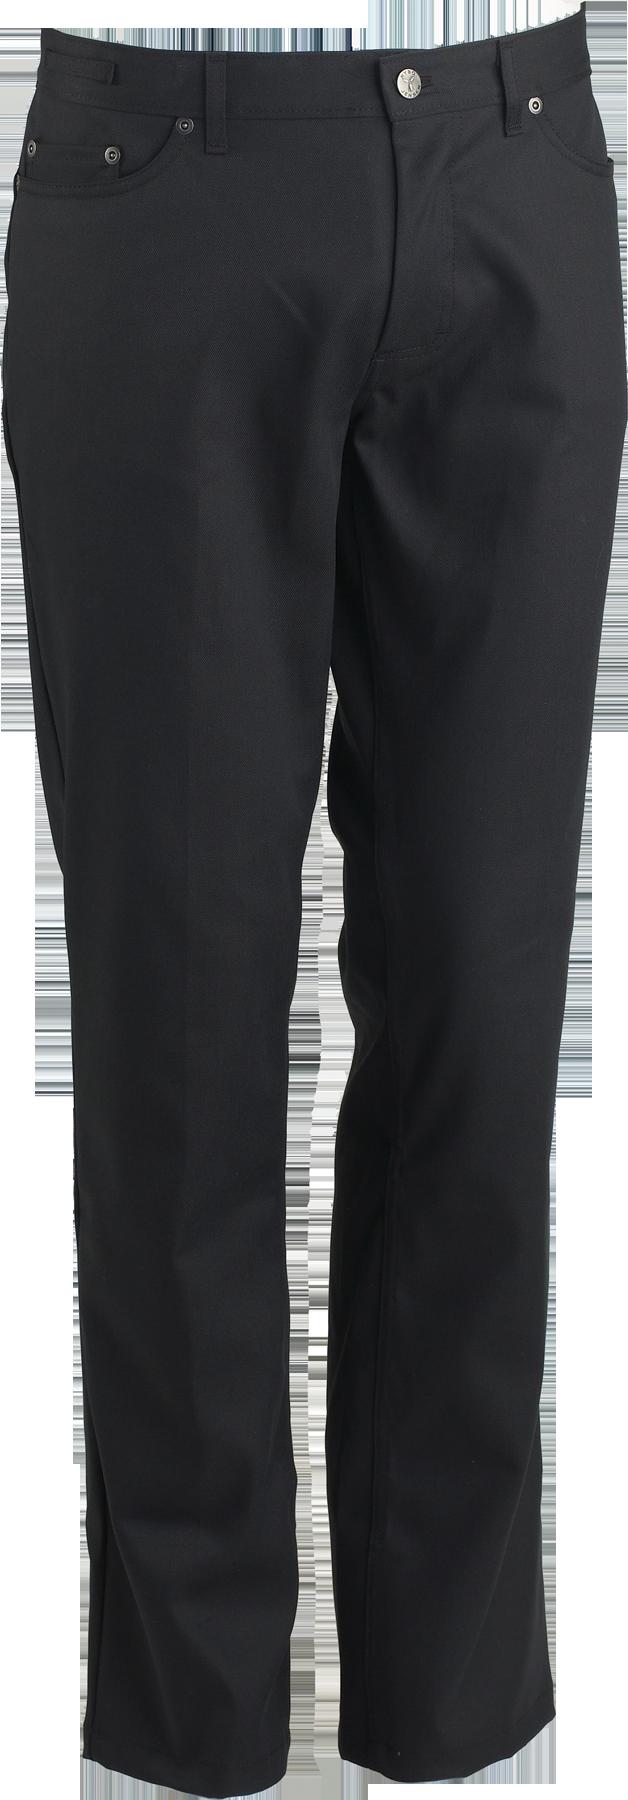 Jeans w. extra length, Harmony (205123102) - NOOS